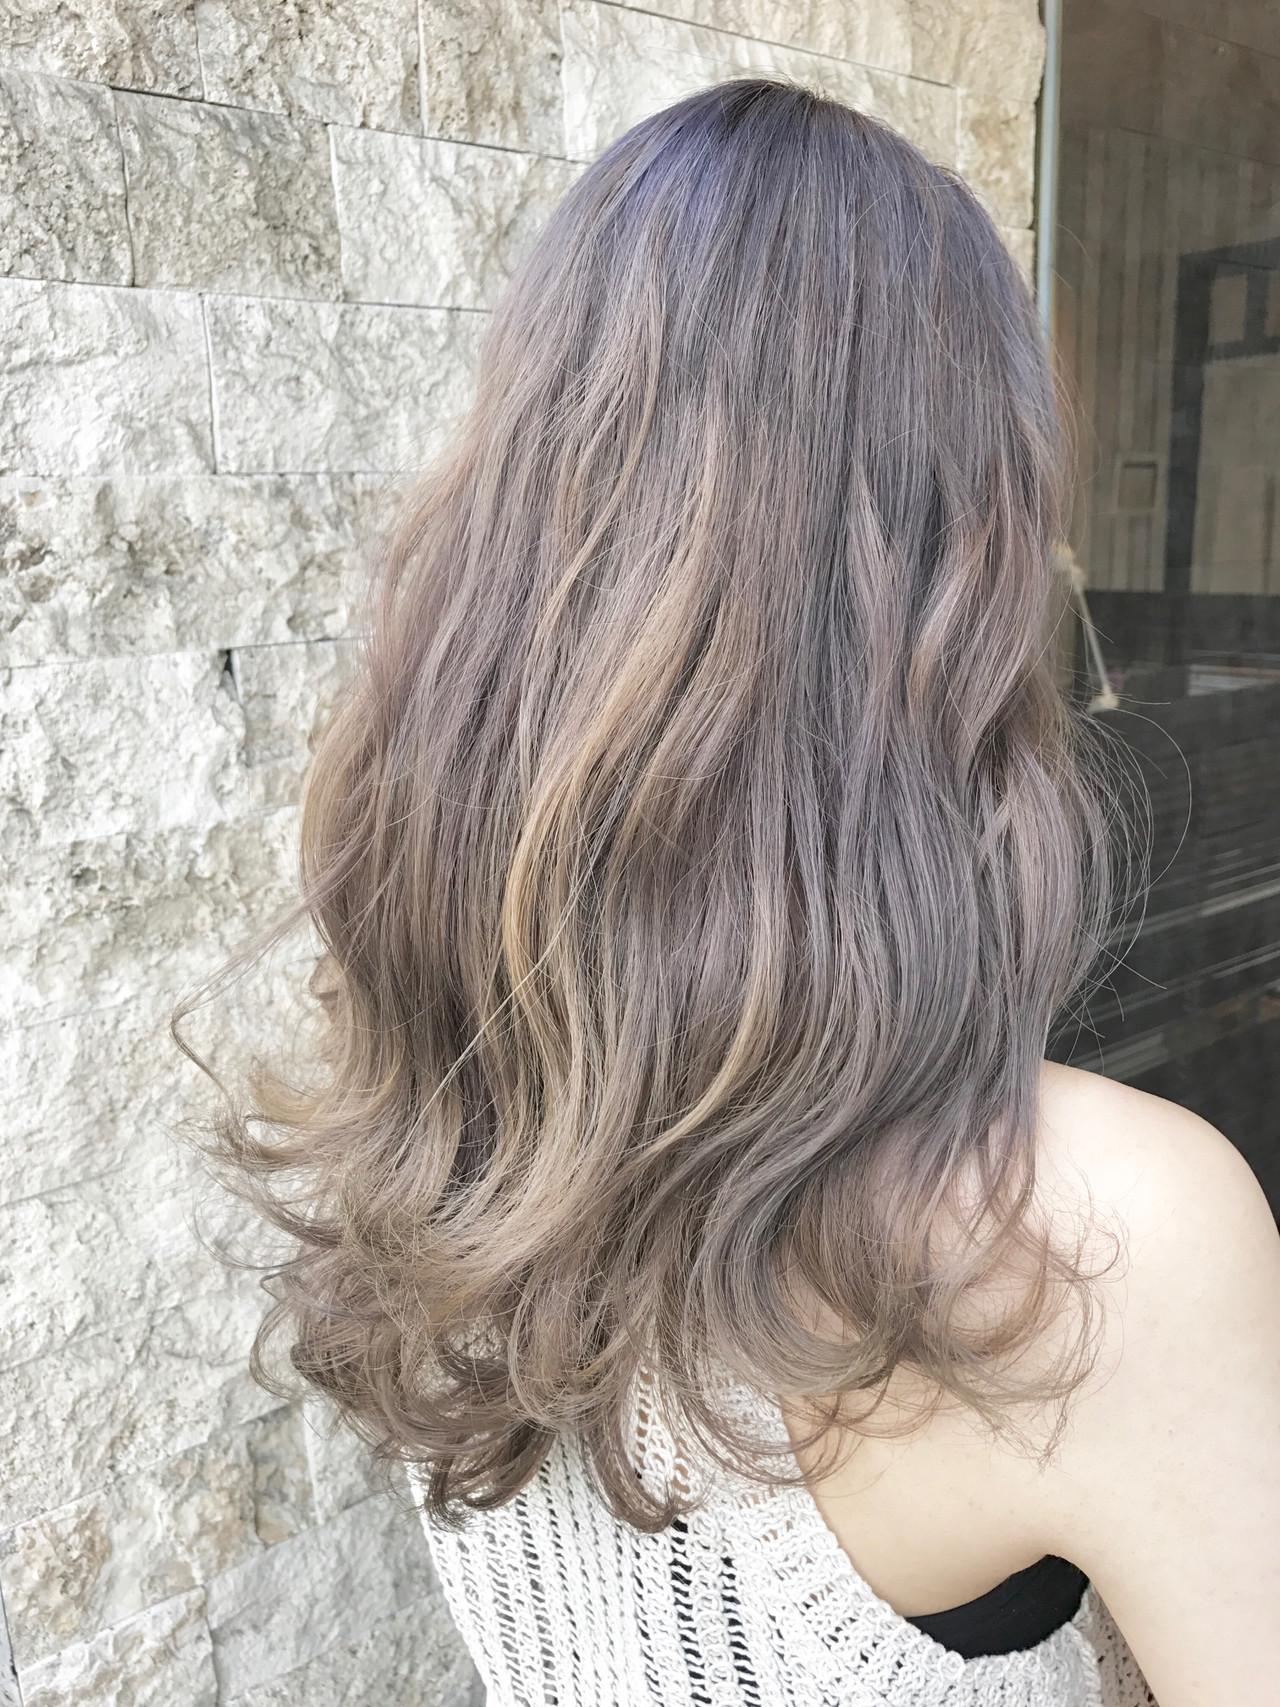 ダブルカラー グレージュ ラベンダーグレージュ セミロング ヘアスタイルや髪型の写真・画像